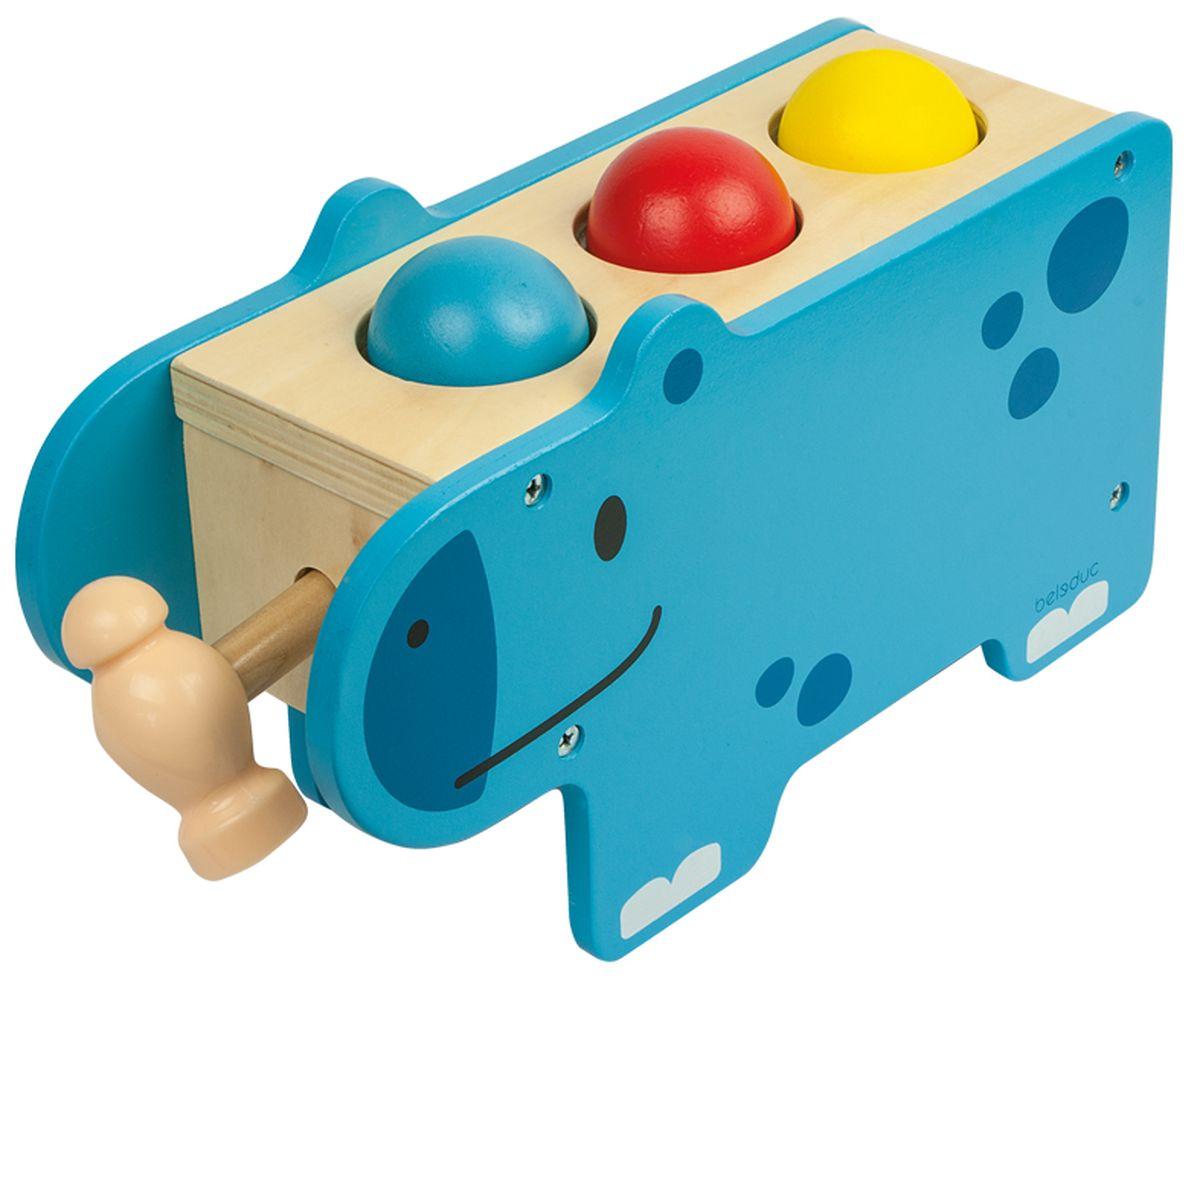 Beleduc Развивающая игрушка Веселый бегемотик игрушка пласт муз веселый бегемотик с вибро